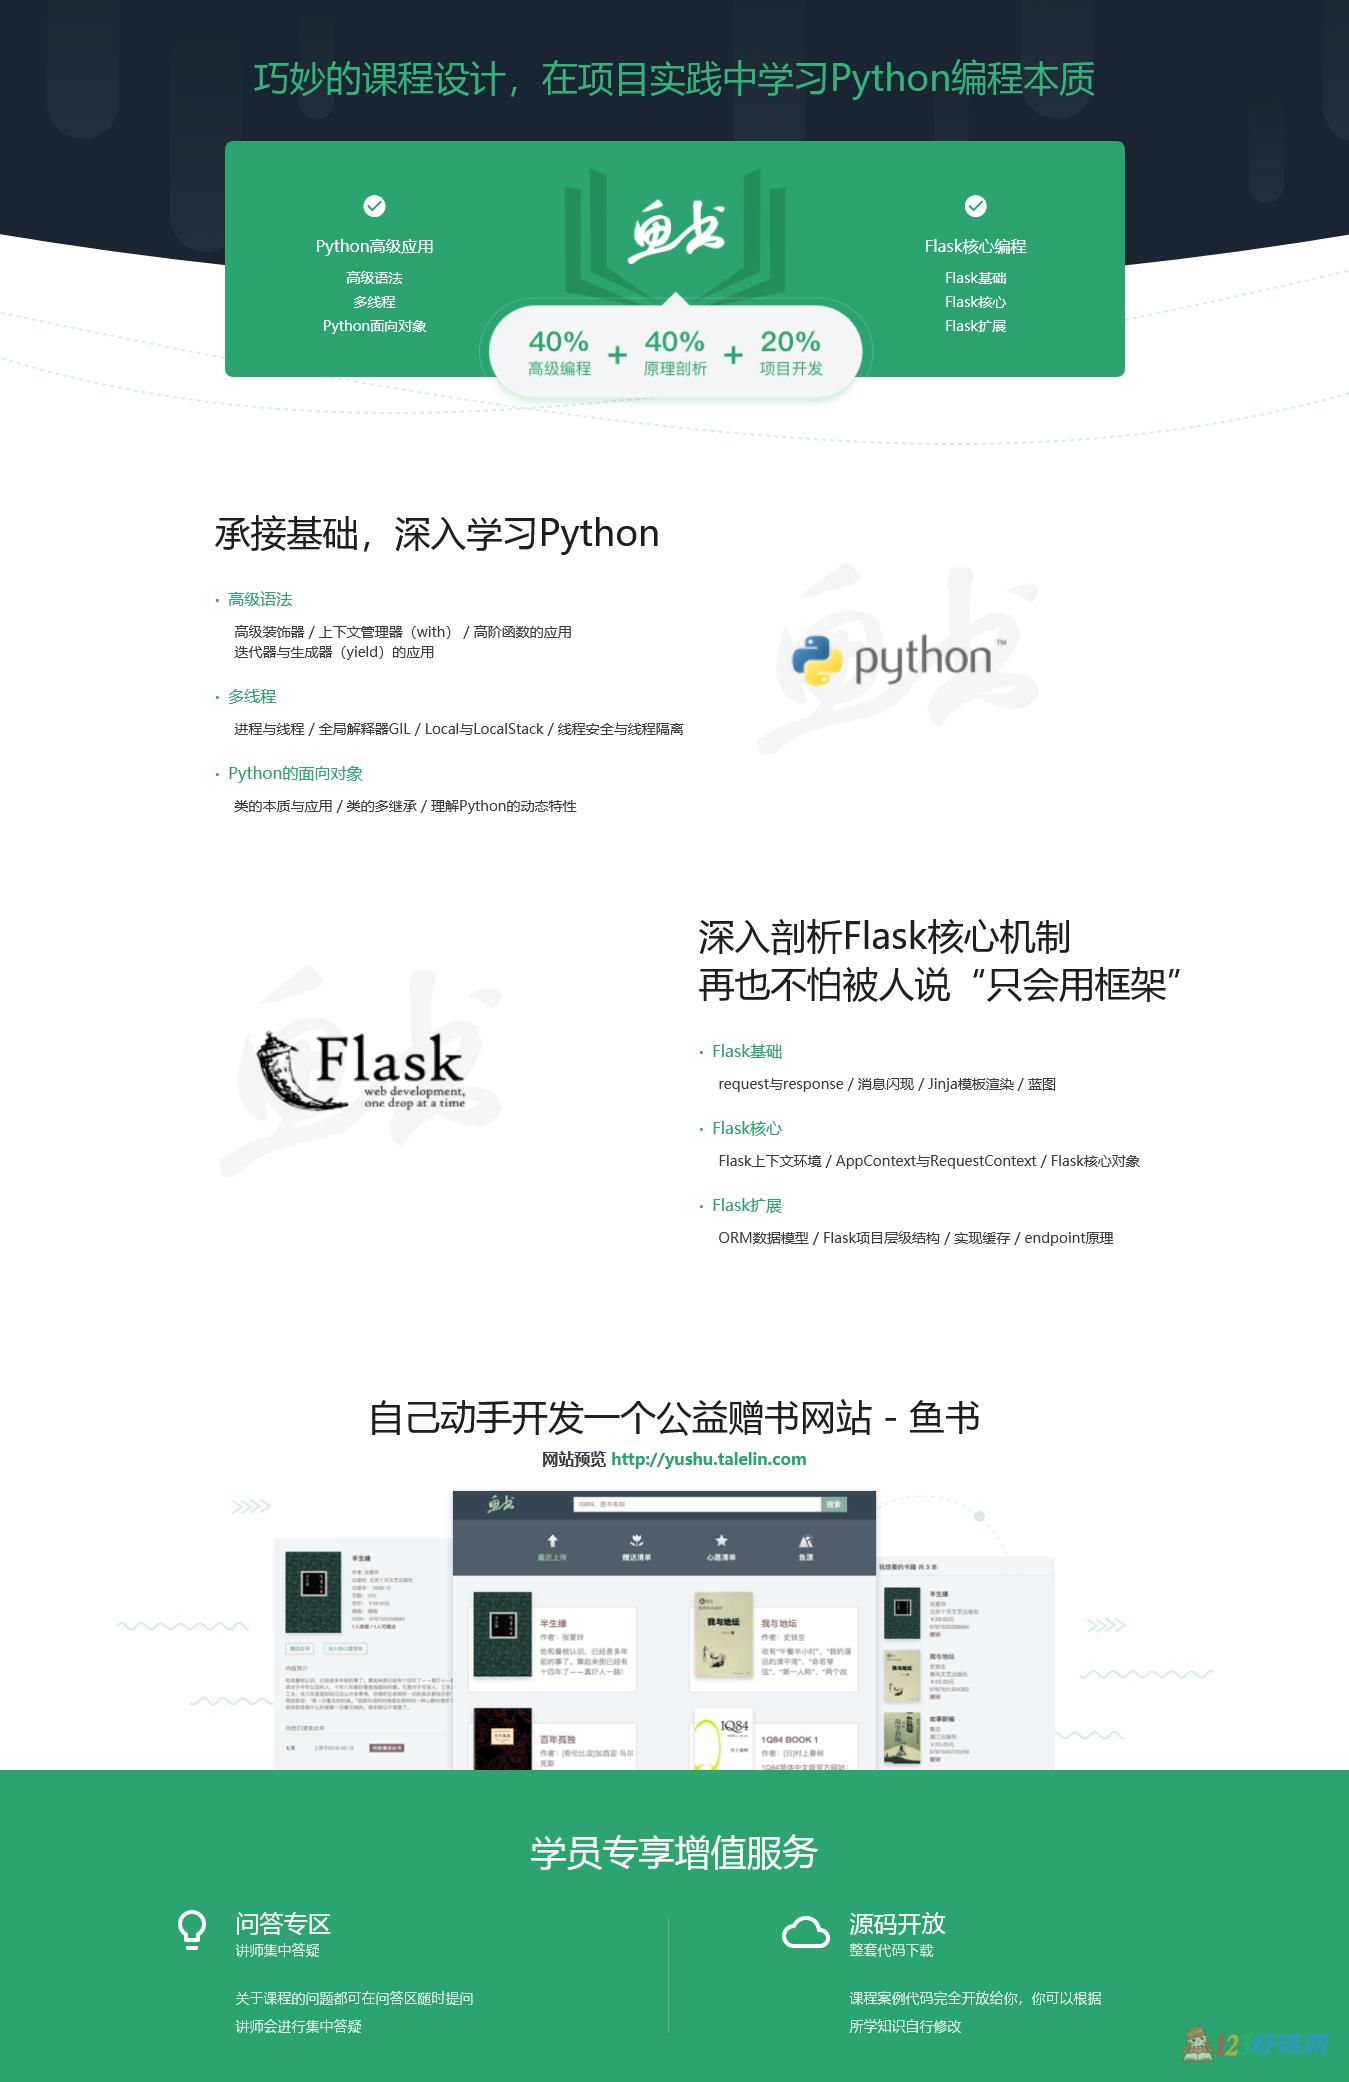 慕课网Python Flask编程视频课程